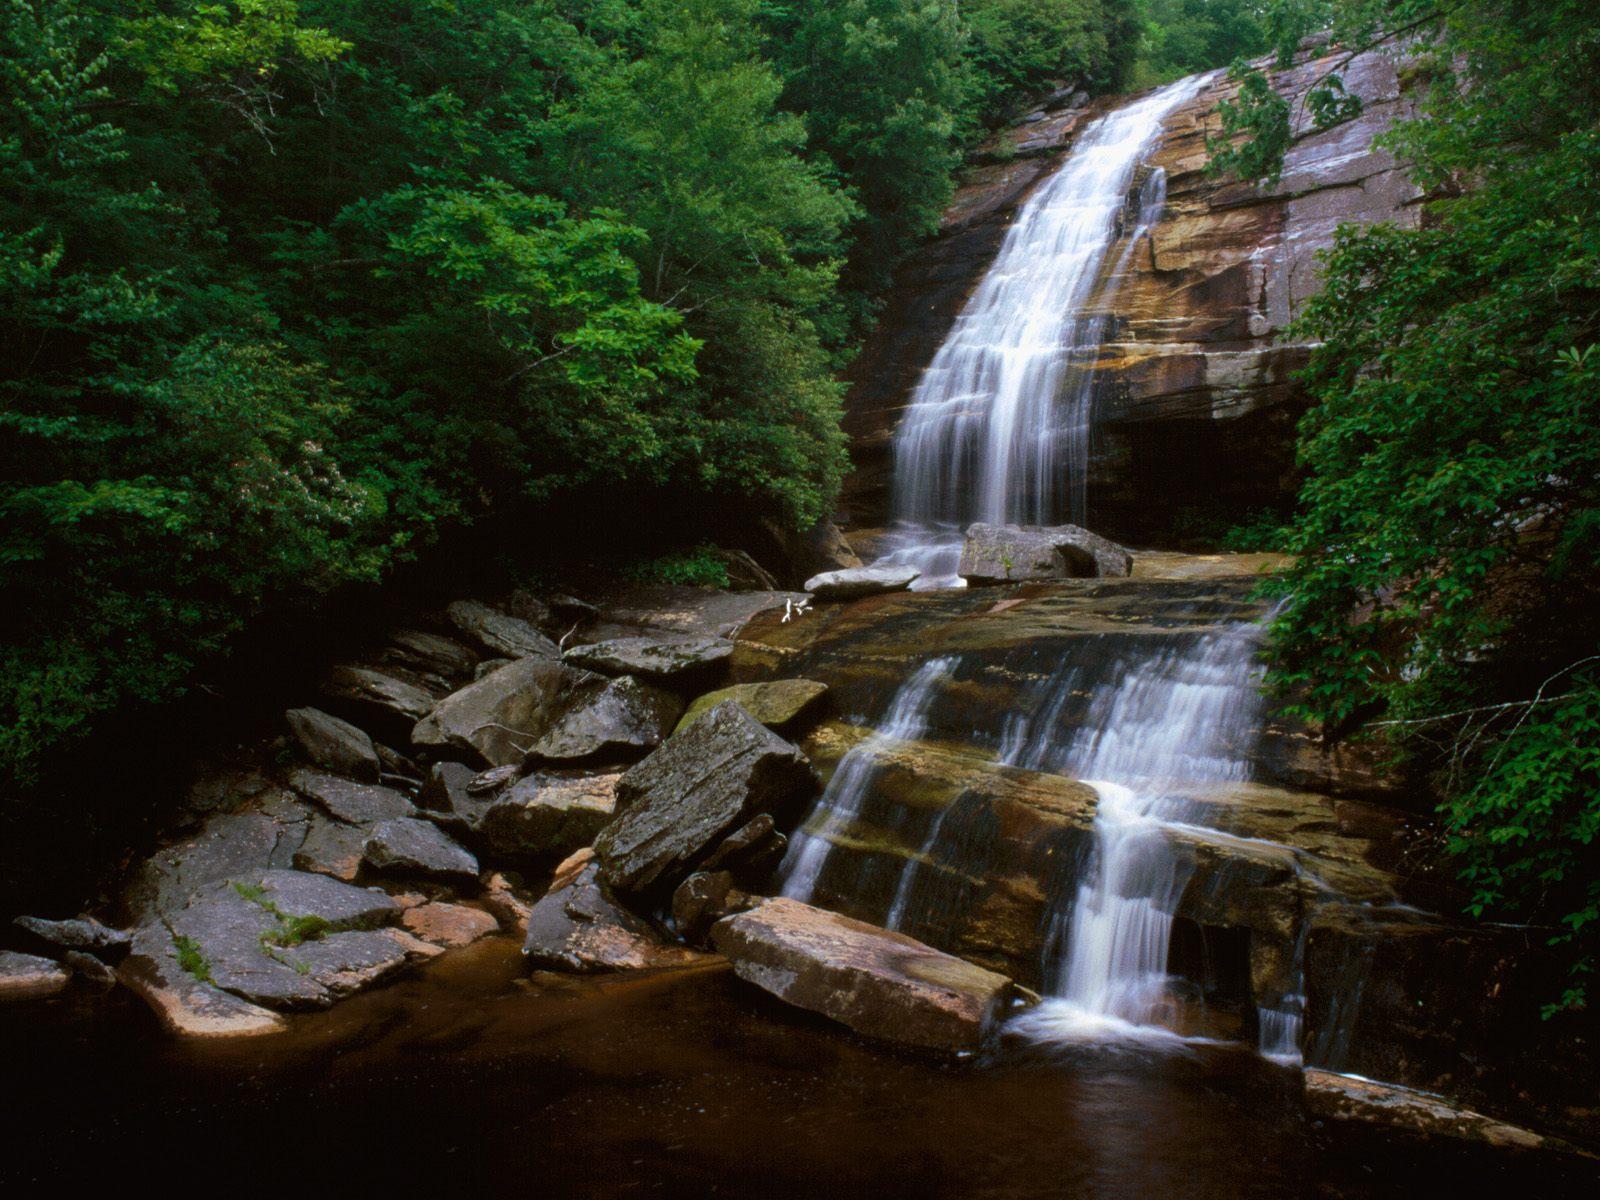 20 Gorgeous Hd Waterfall Wallpapers: BANCO DE IMÁGENES GRATIS: Las Cascadas Más Famosas Del